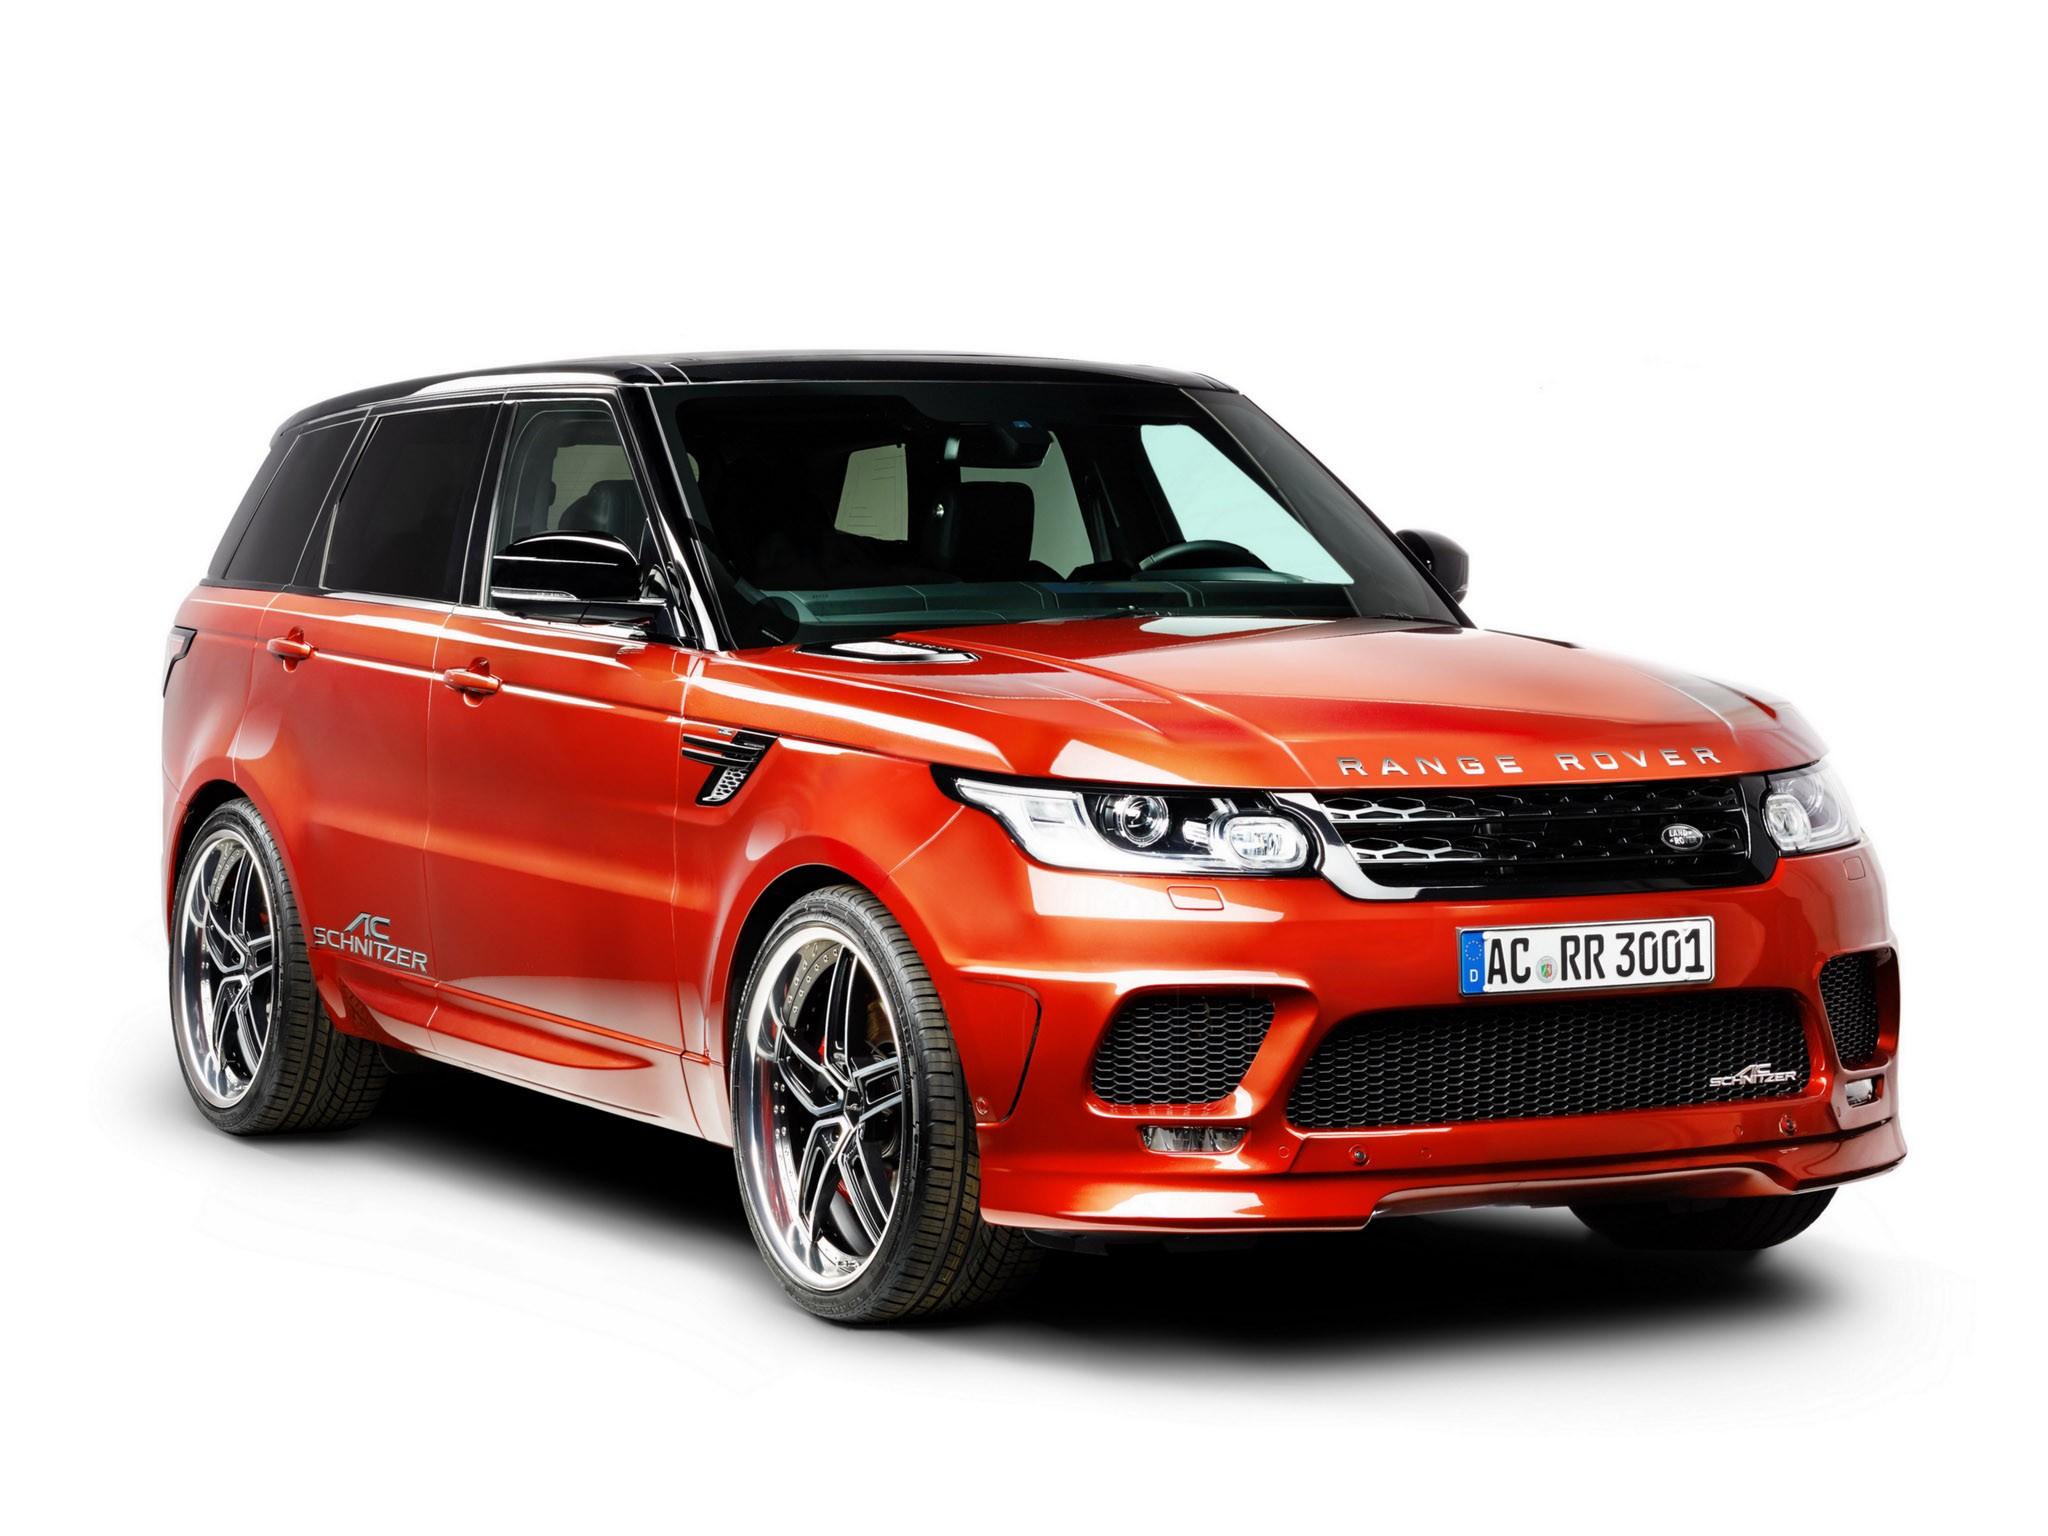 2014 AC Schnitzer - Range Rover Sport